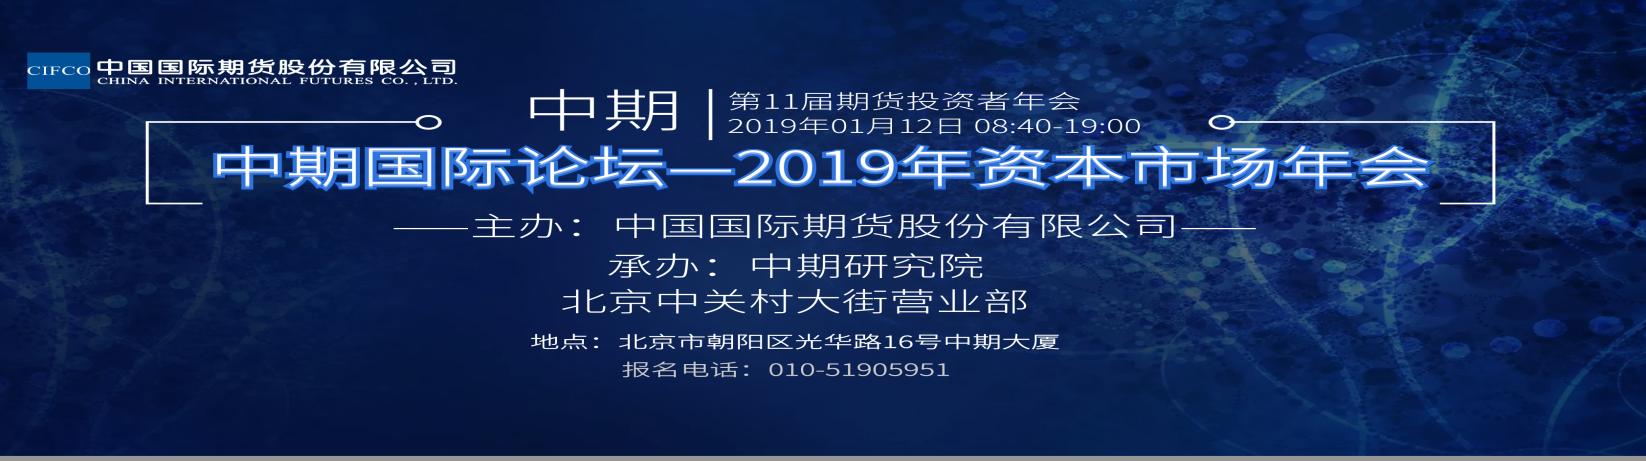 【易胜博国际论坛】2019年资本市场年会